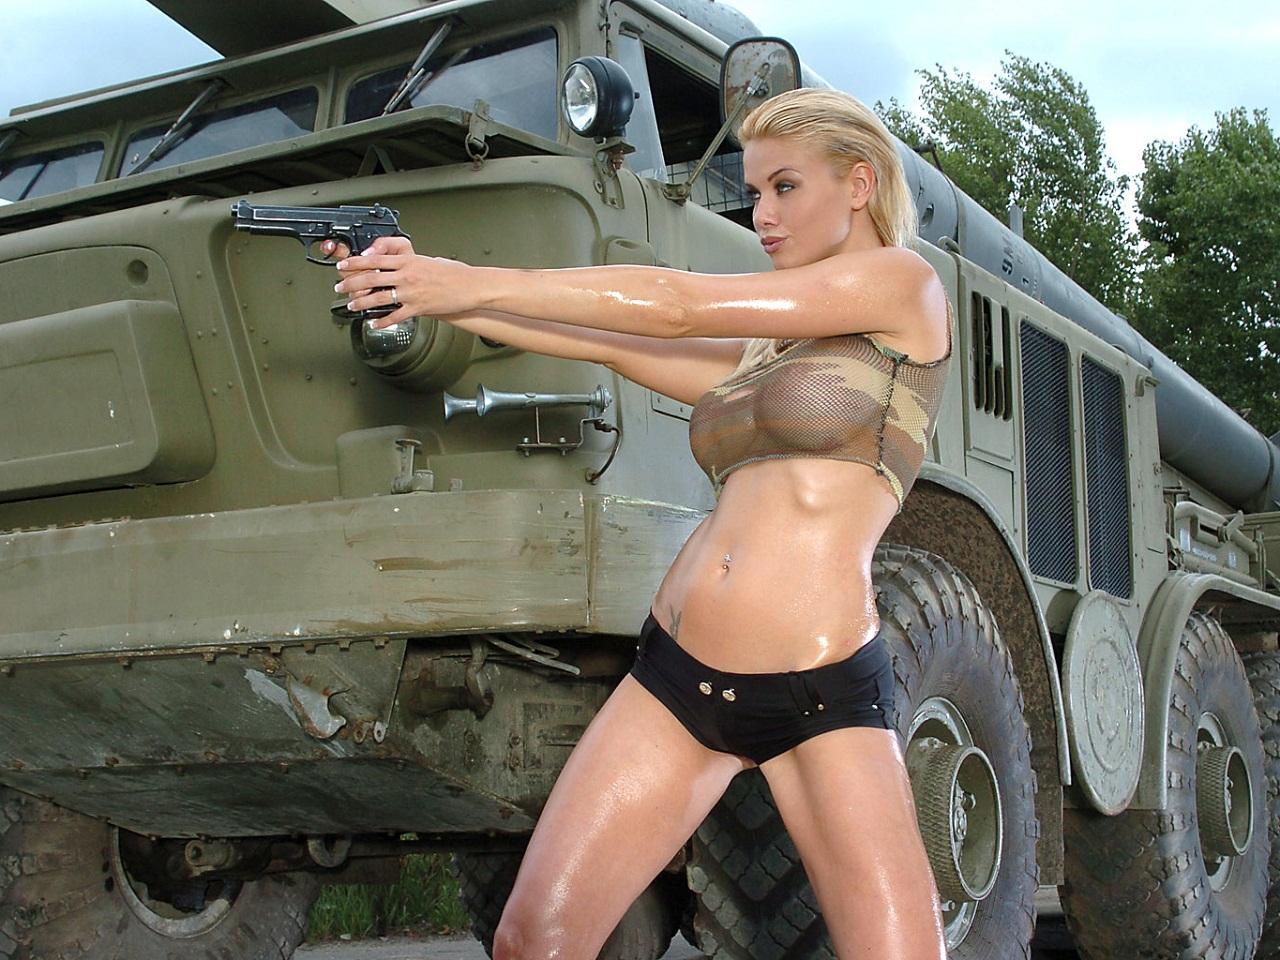 Сисястая телка в военной форме, Красавица в военной униформе страстно отдается ебарю 8 фотография